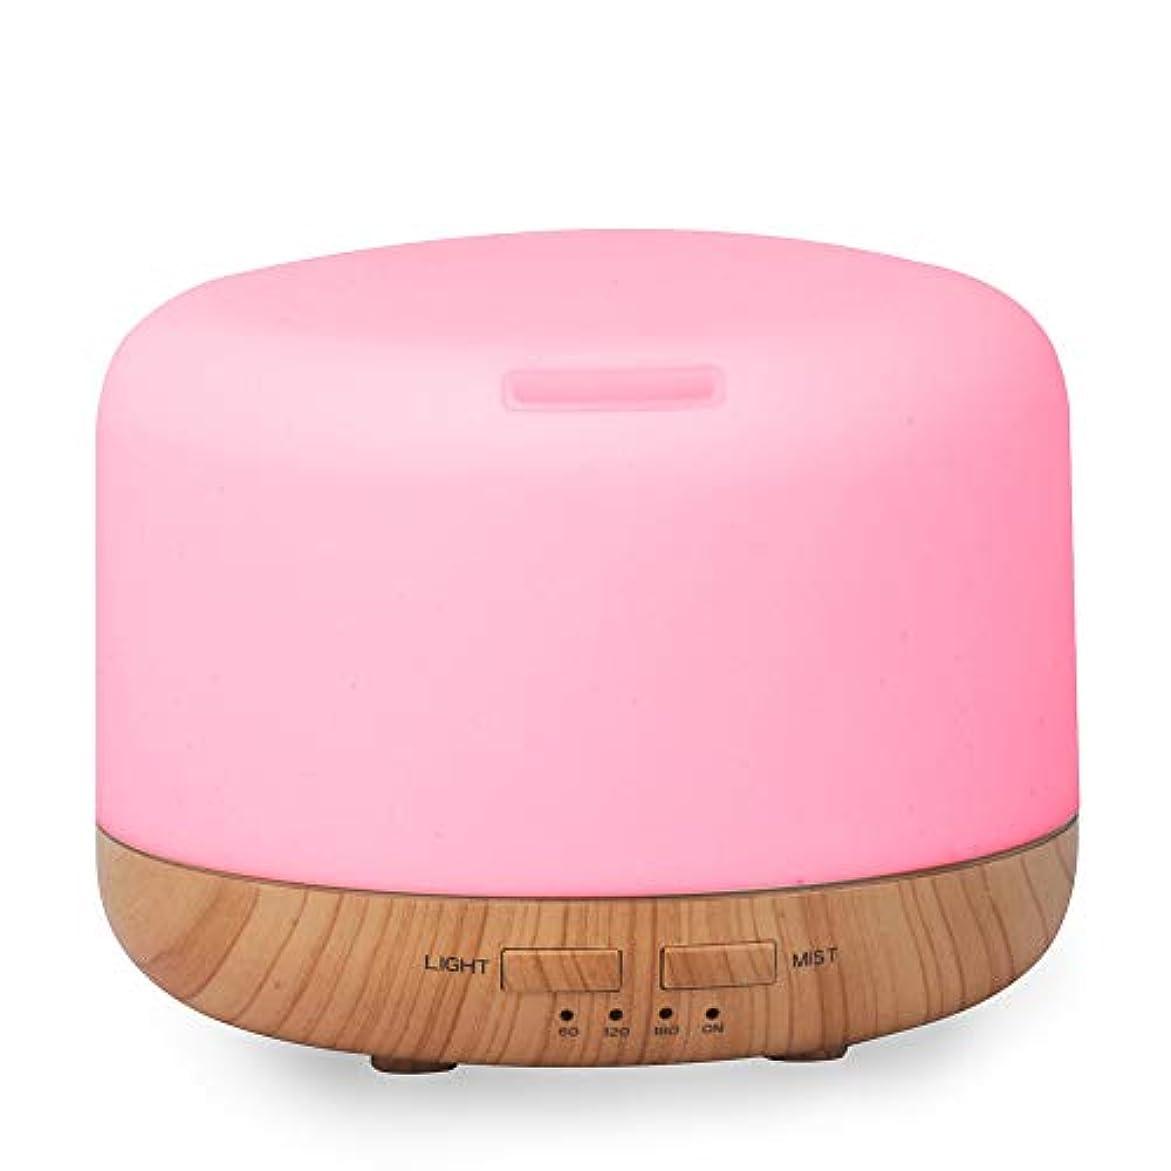 家具関与する論理的400ml エッセンシャルオイルディフューザー、プレミアム超音波アロマセラピー香りオイルディフューザー気化器、タイマーと水なしオートオフ、7 LED ライトカラー